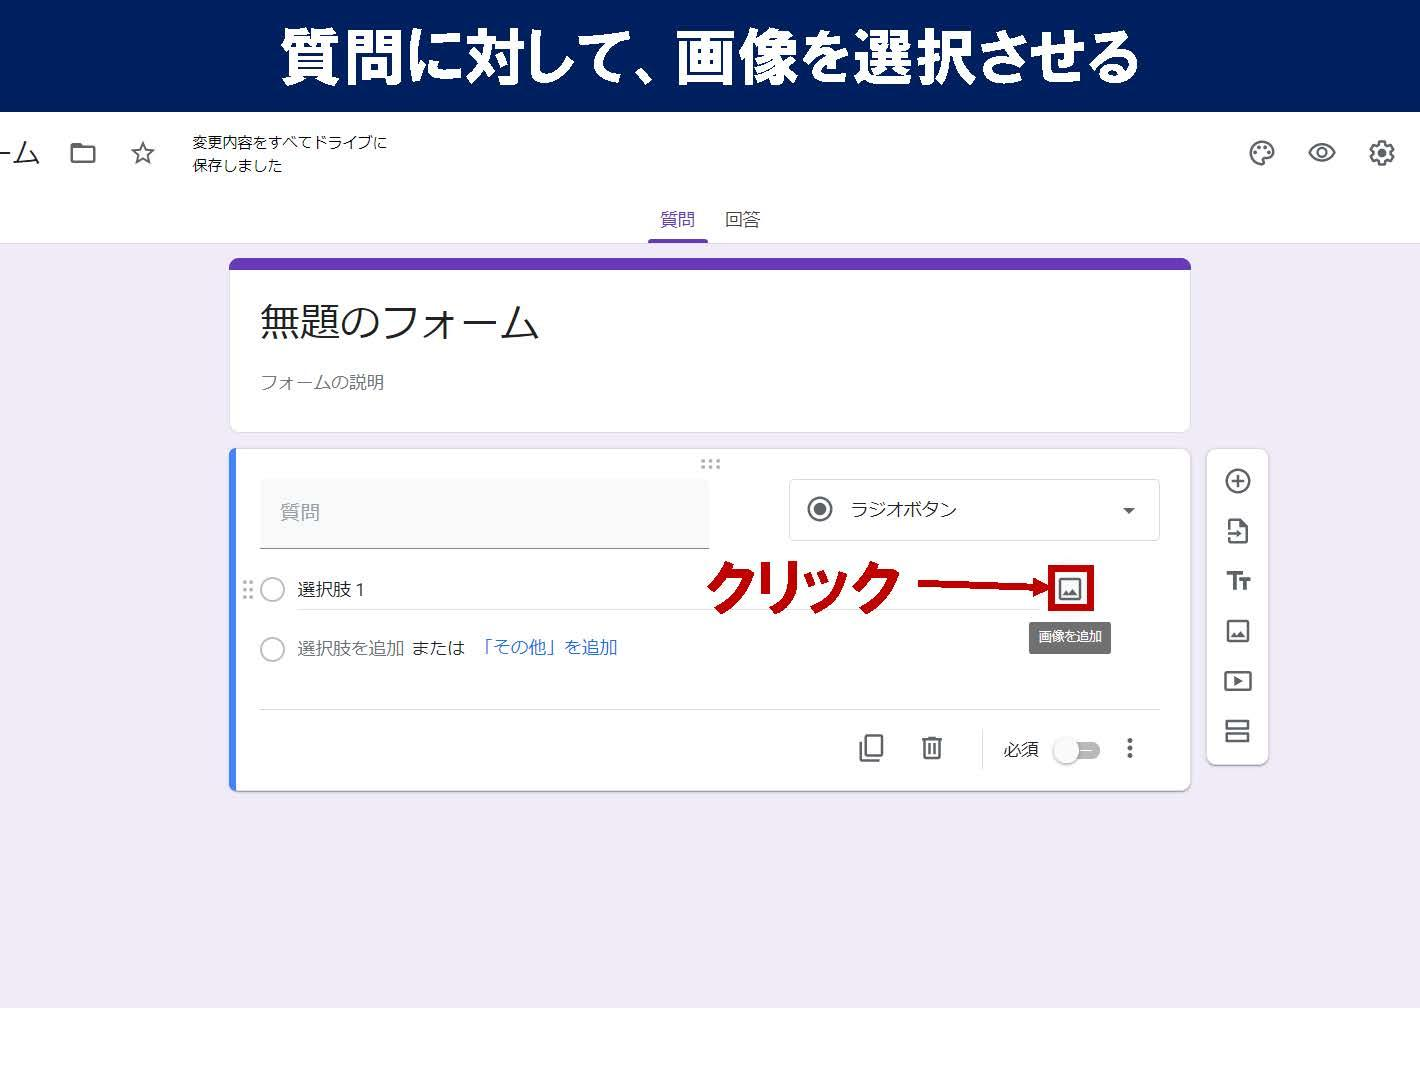 http://igs-kankan.com/article/ab17123e786caabb243d2673ca6c34a49b5cc099.jpg